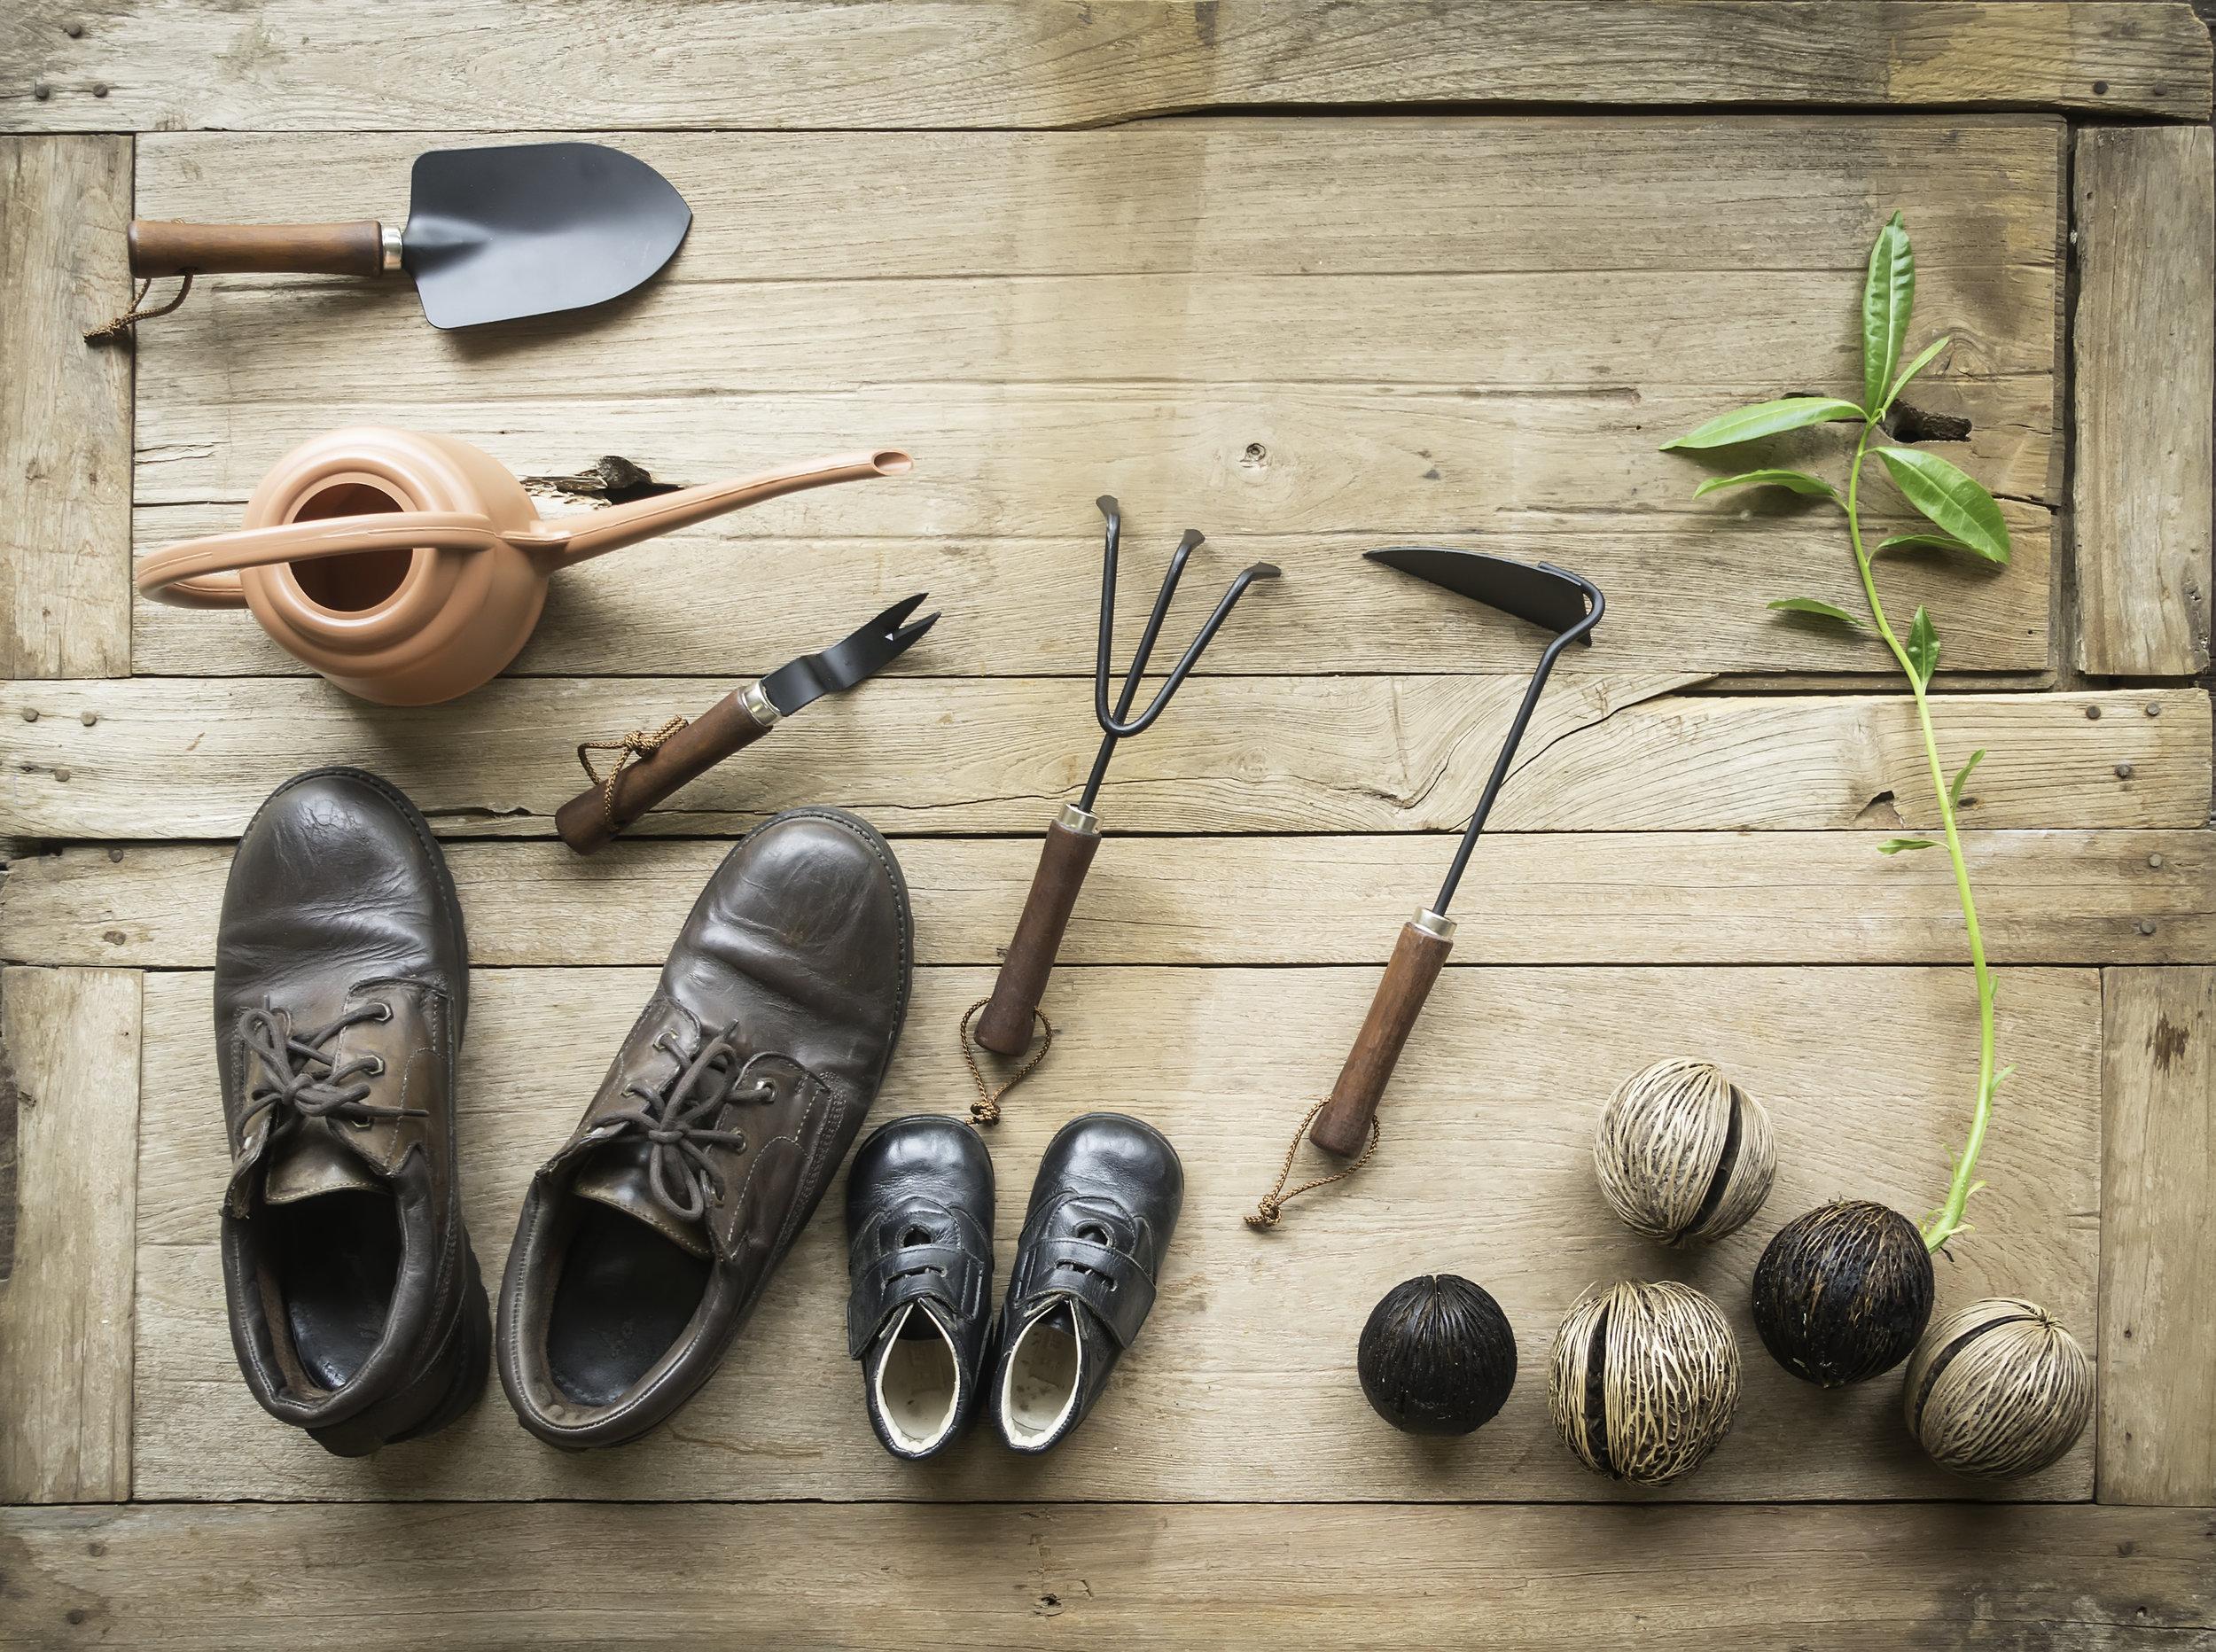 Create your own shoe garden